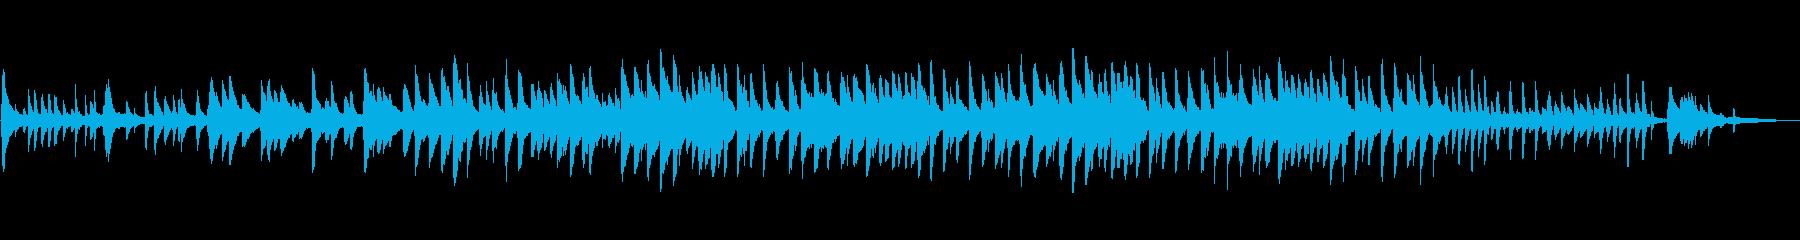 悲壮感のある悲しいピアノ曲の再生済みの波形